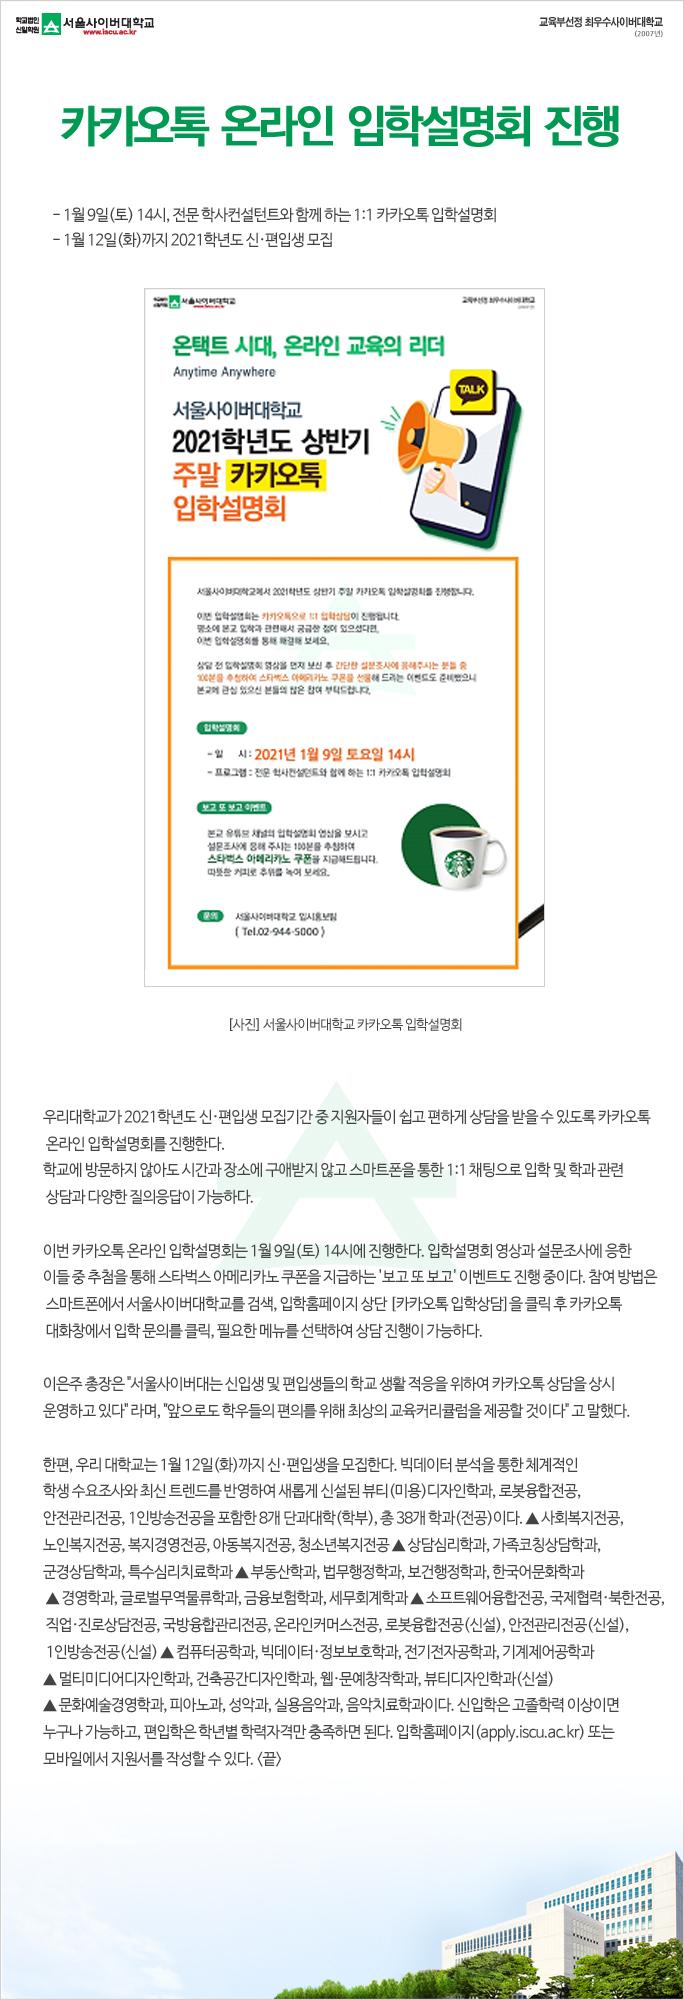 카카오톡 온라인 입학설명회 진행